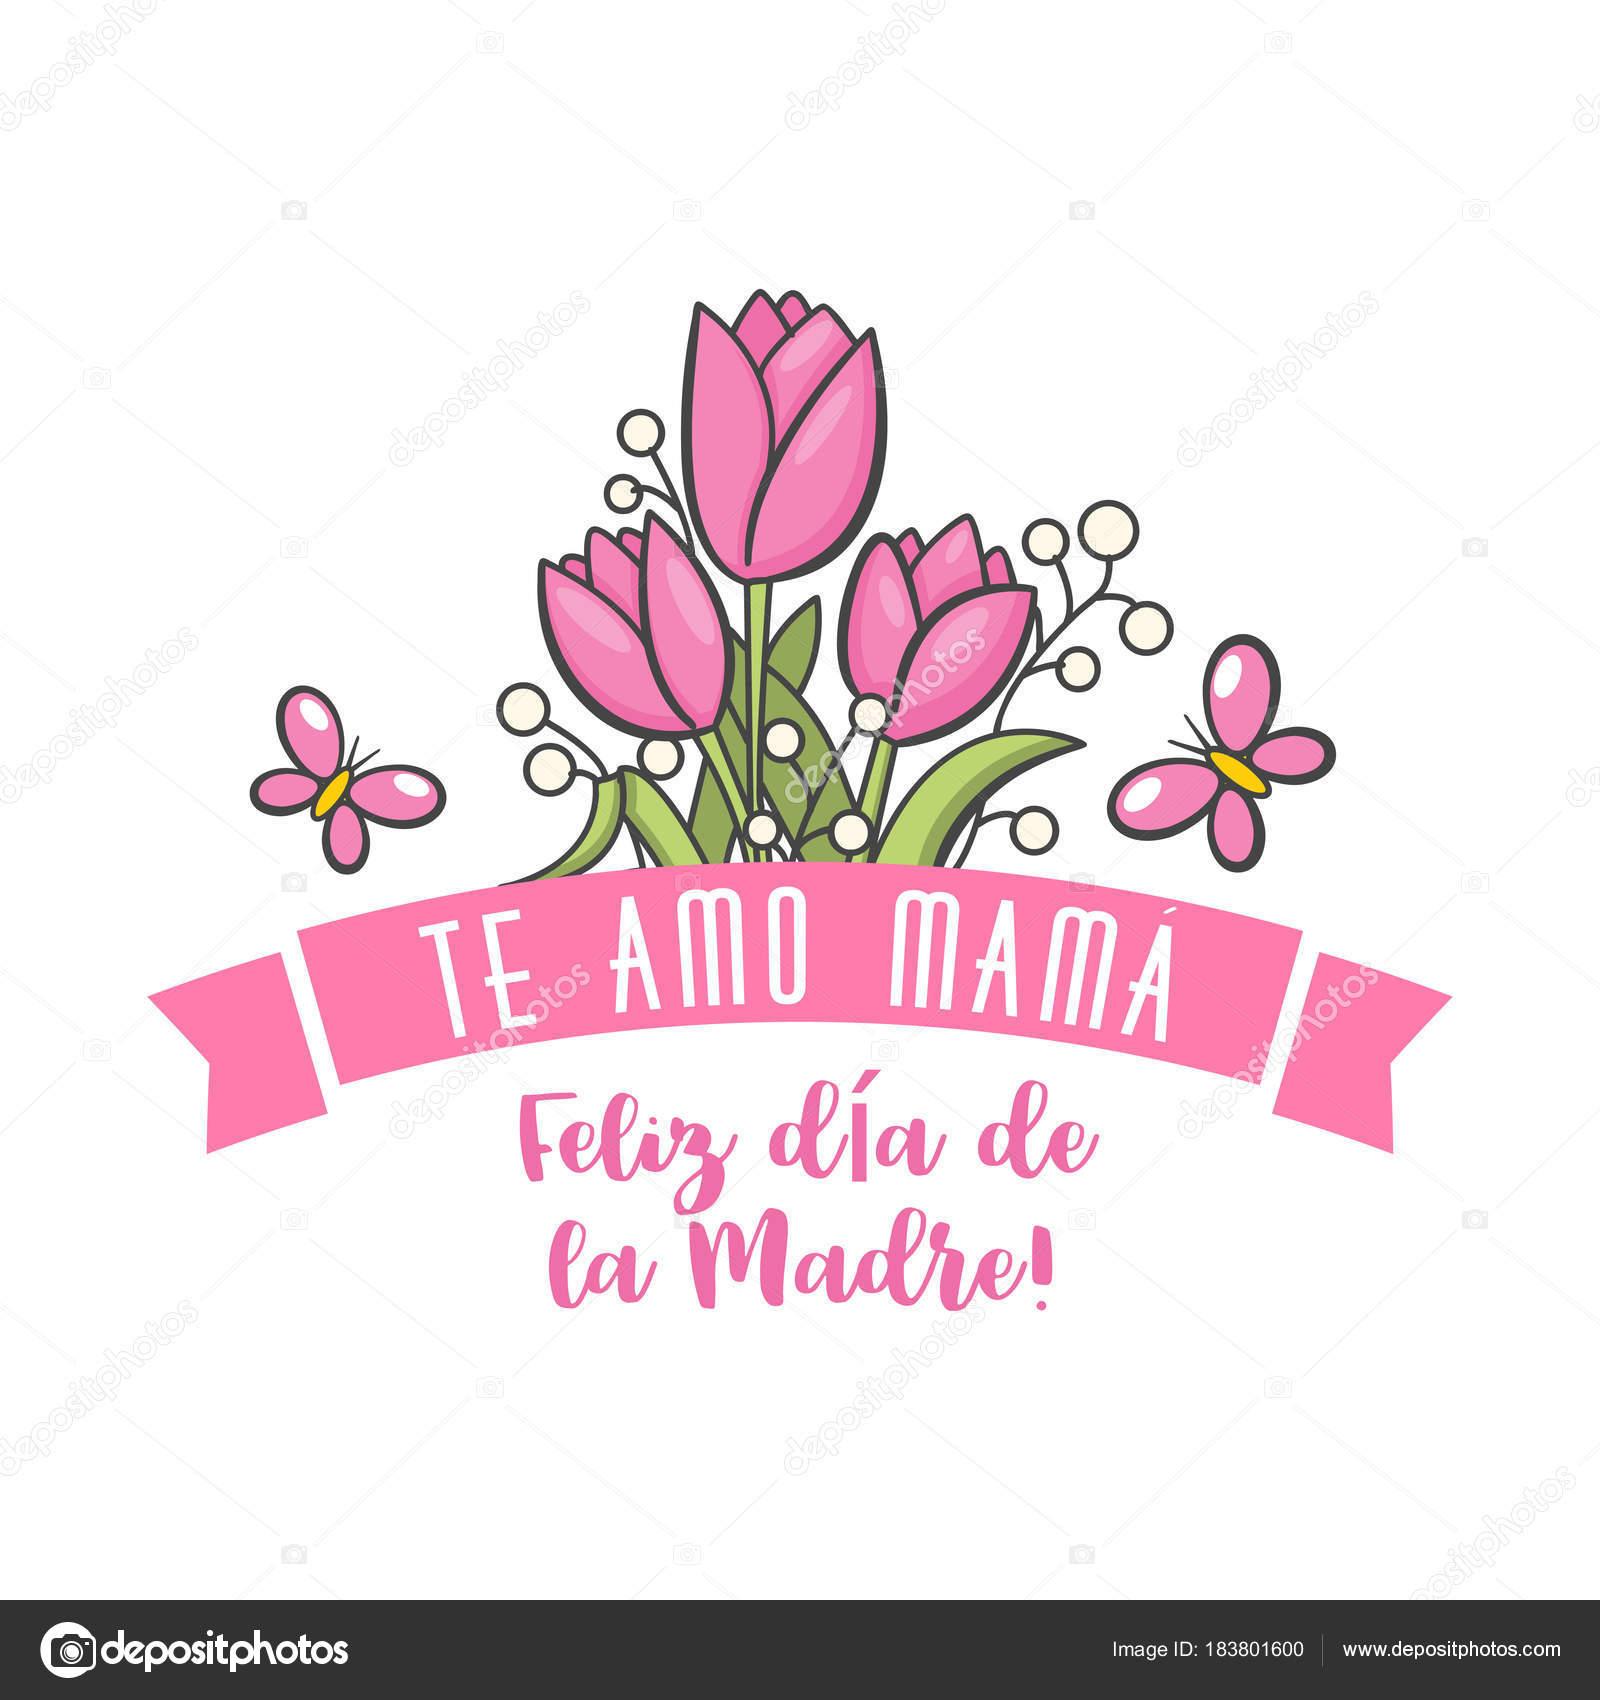 1d00f8c2996c8 Saudação de dia de mãe espanhola. Mensagem de floral doce com desejos de  felizes, cartão para expressar minha gratidão, amor e reverência de belas  férias.